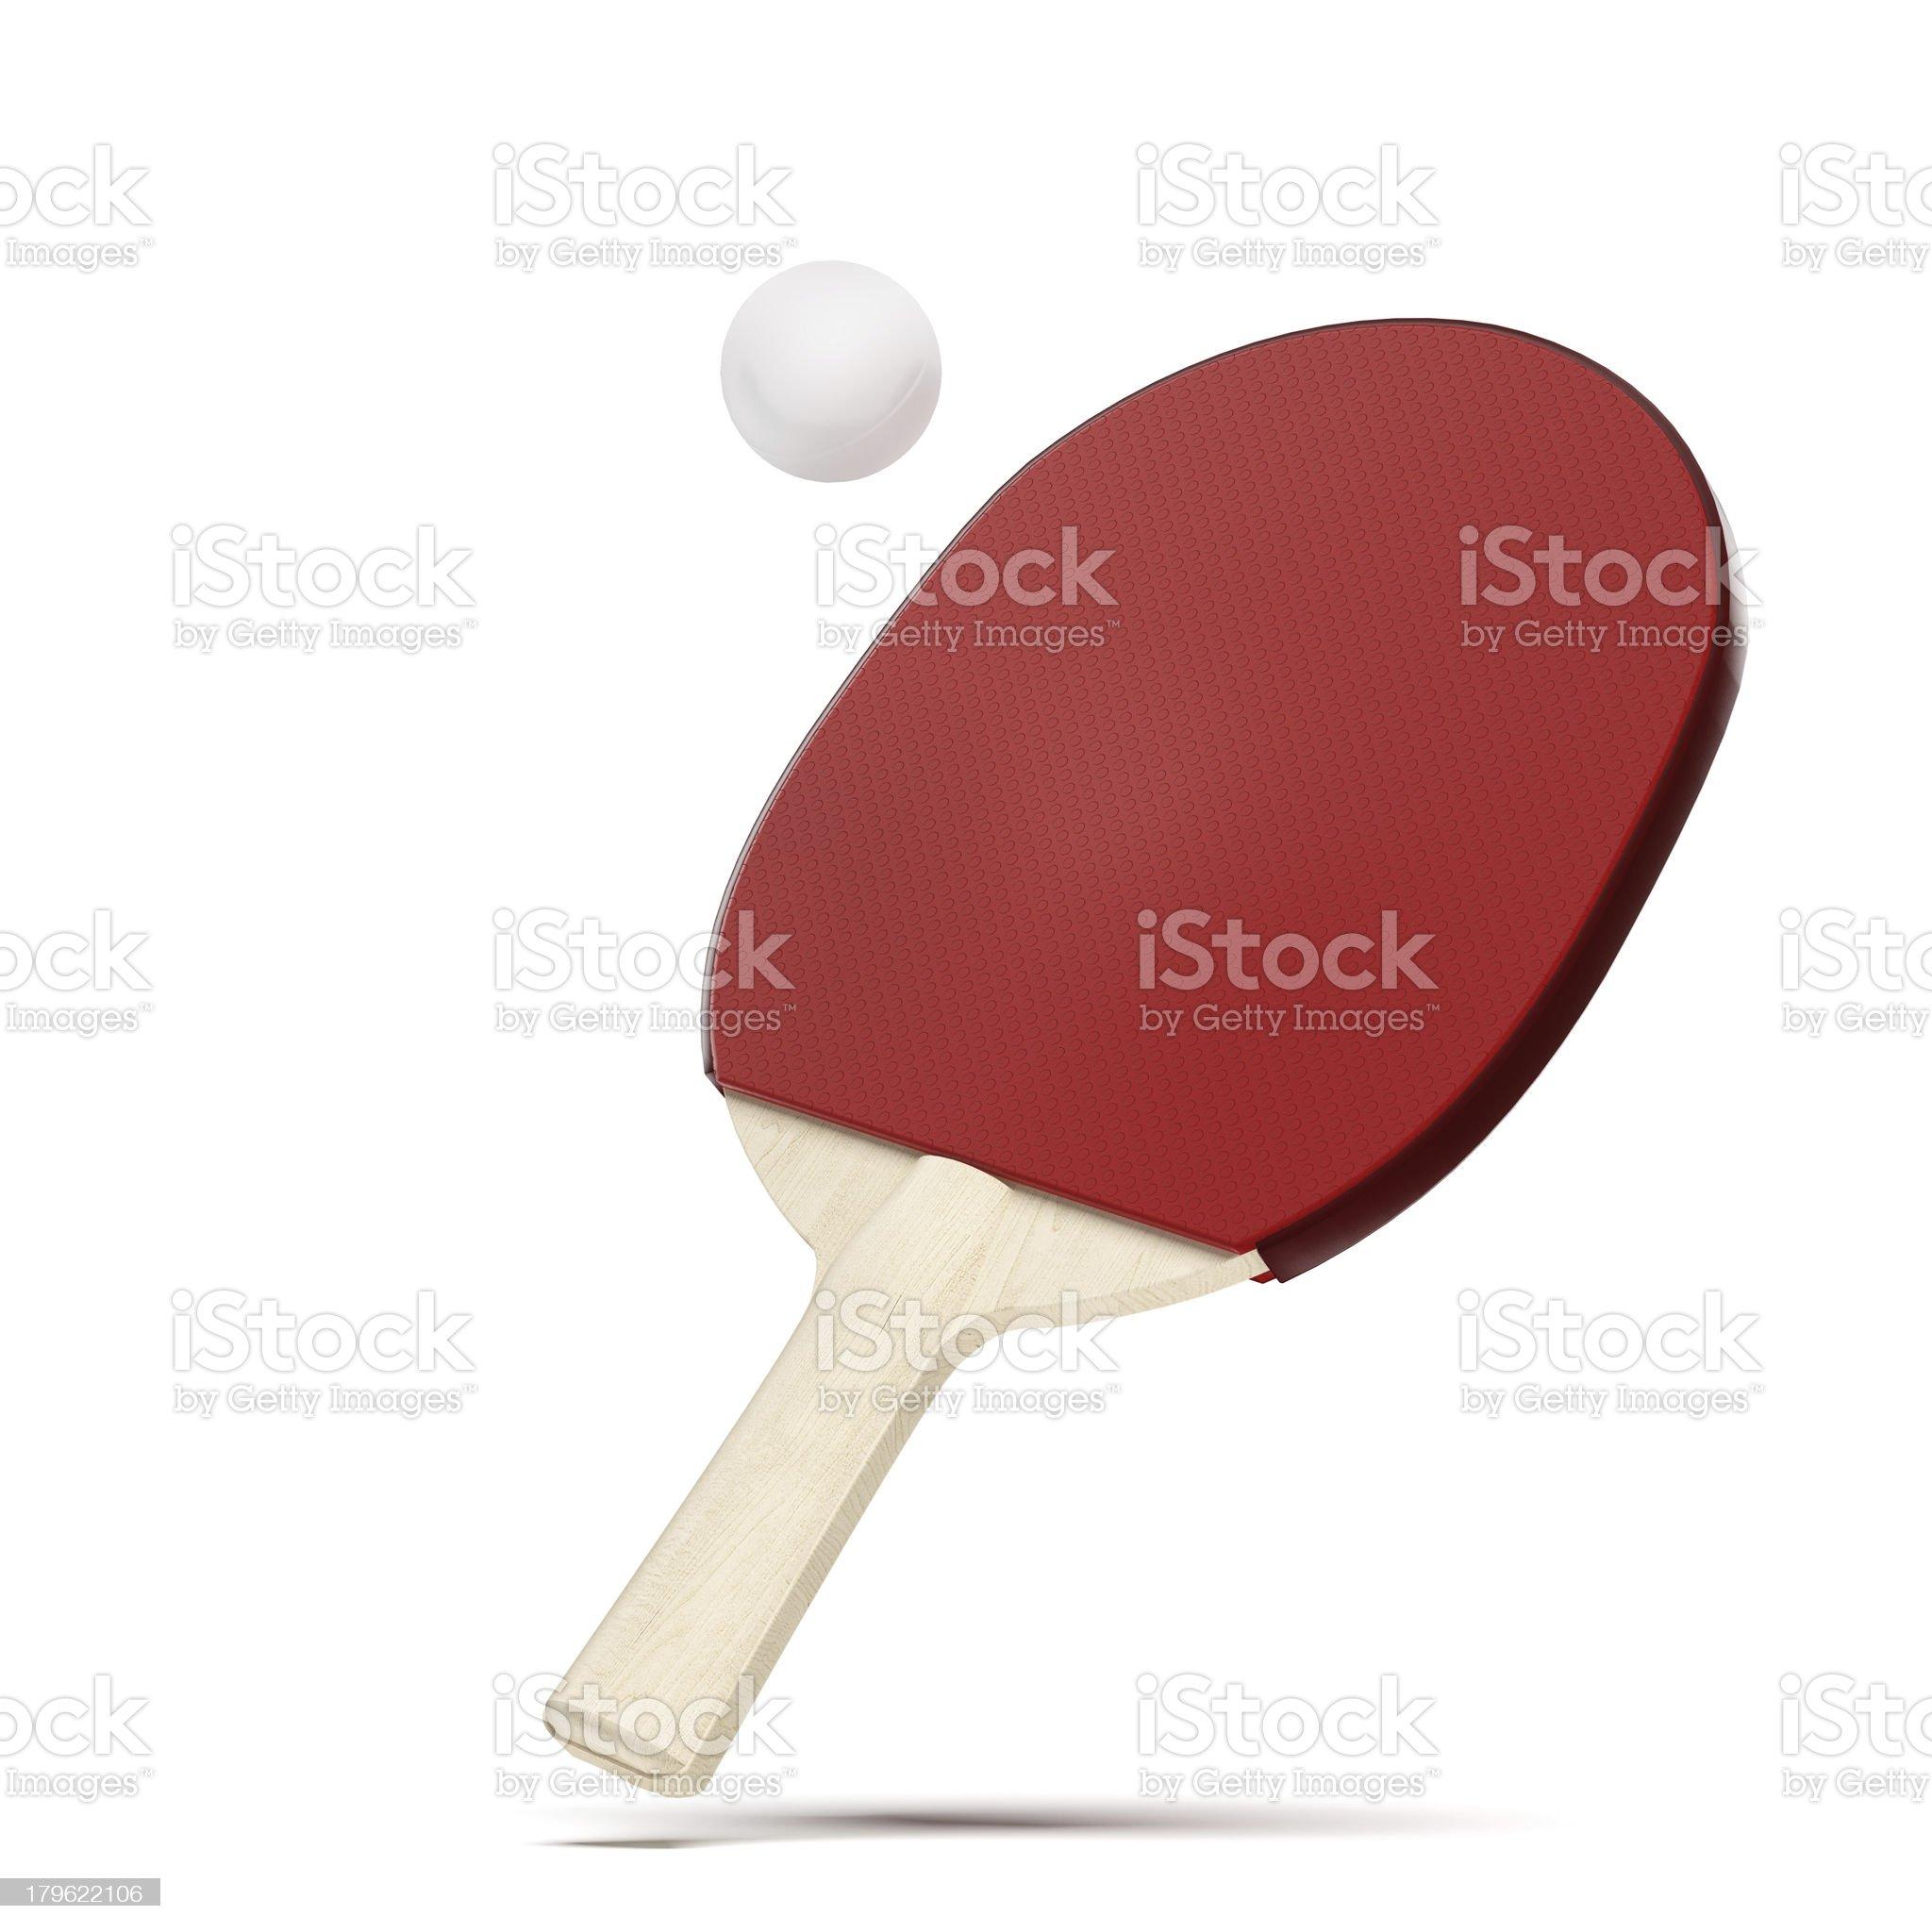 Ping pong paddle and balls royalty-free stock photo